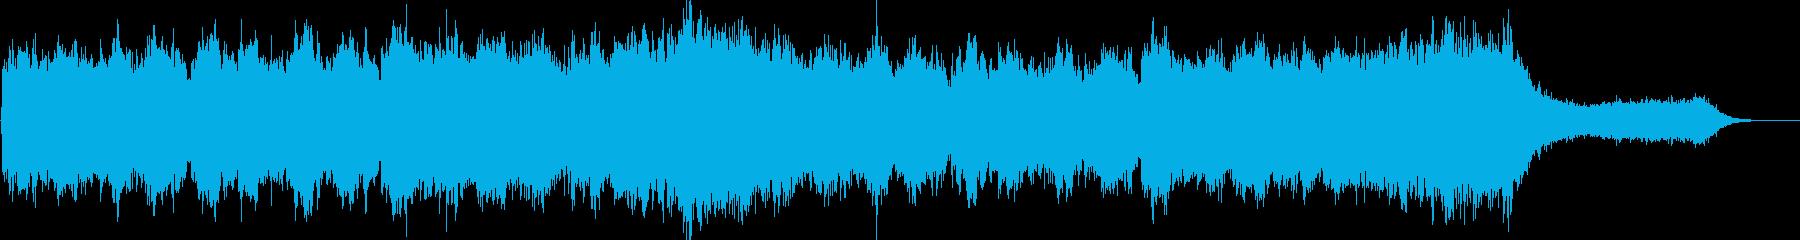 螺旋を描いて上昇-期待感-冒険-1の再生済みの波形